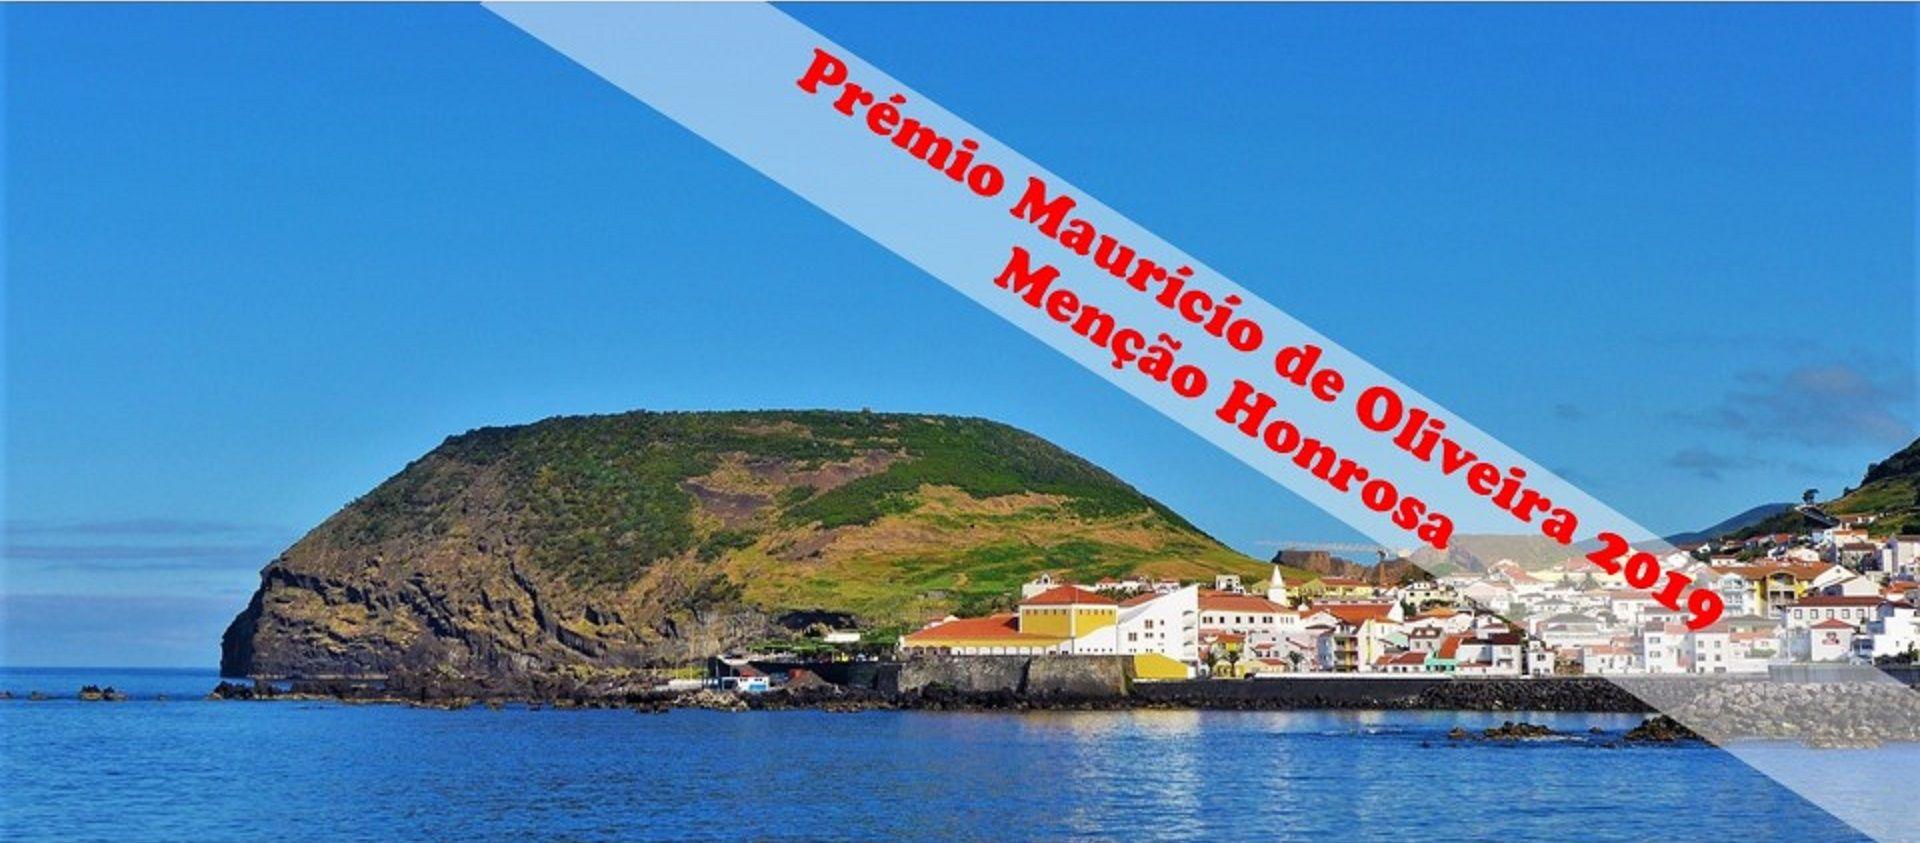 Portugal e o Mar-Oceano, uma relação antiga e estratégica